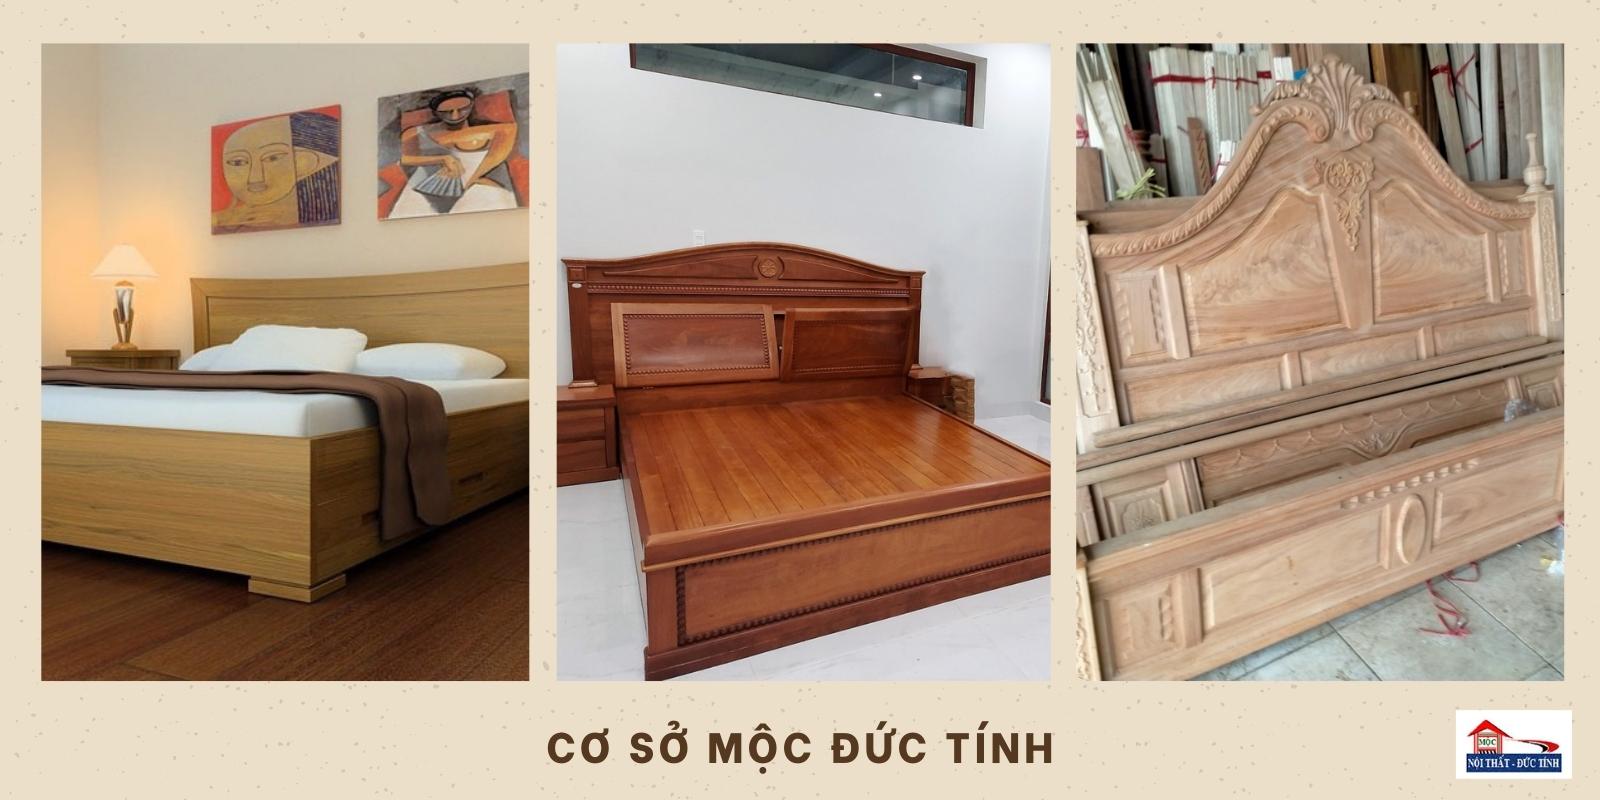 giường gỗ giá rẻ Đức Tính